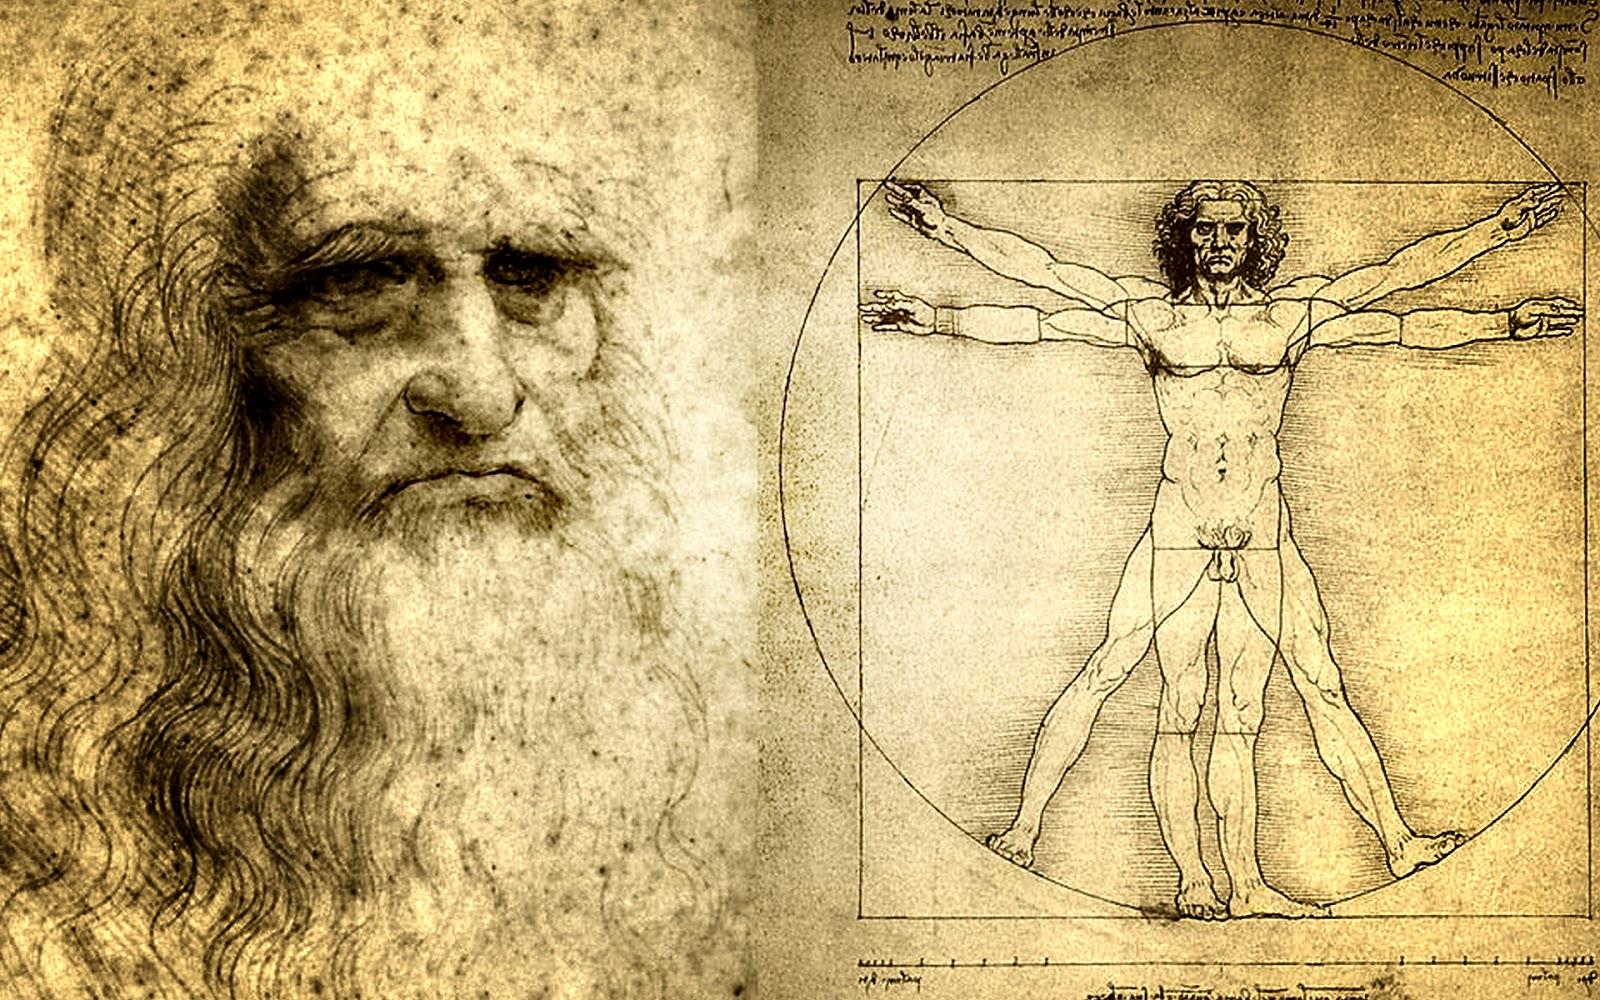 Di Vinci Game